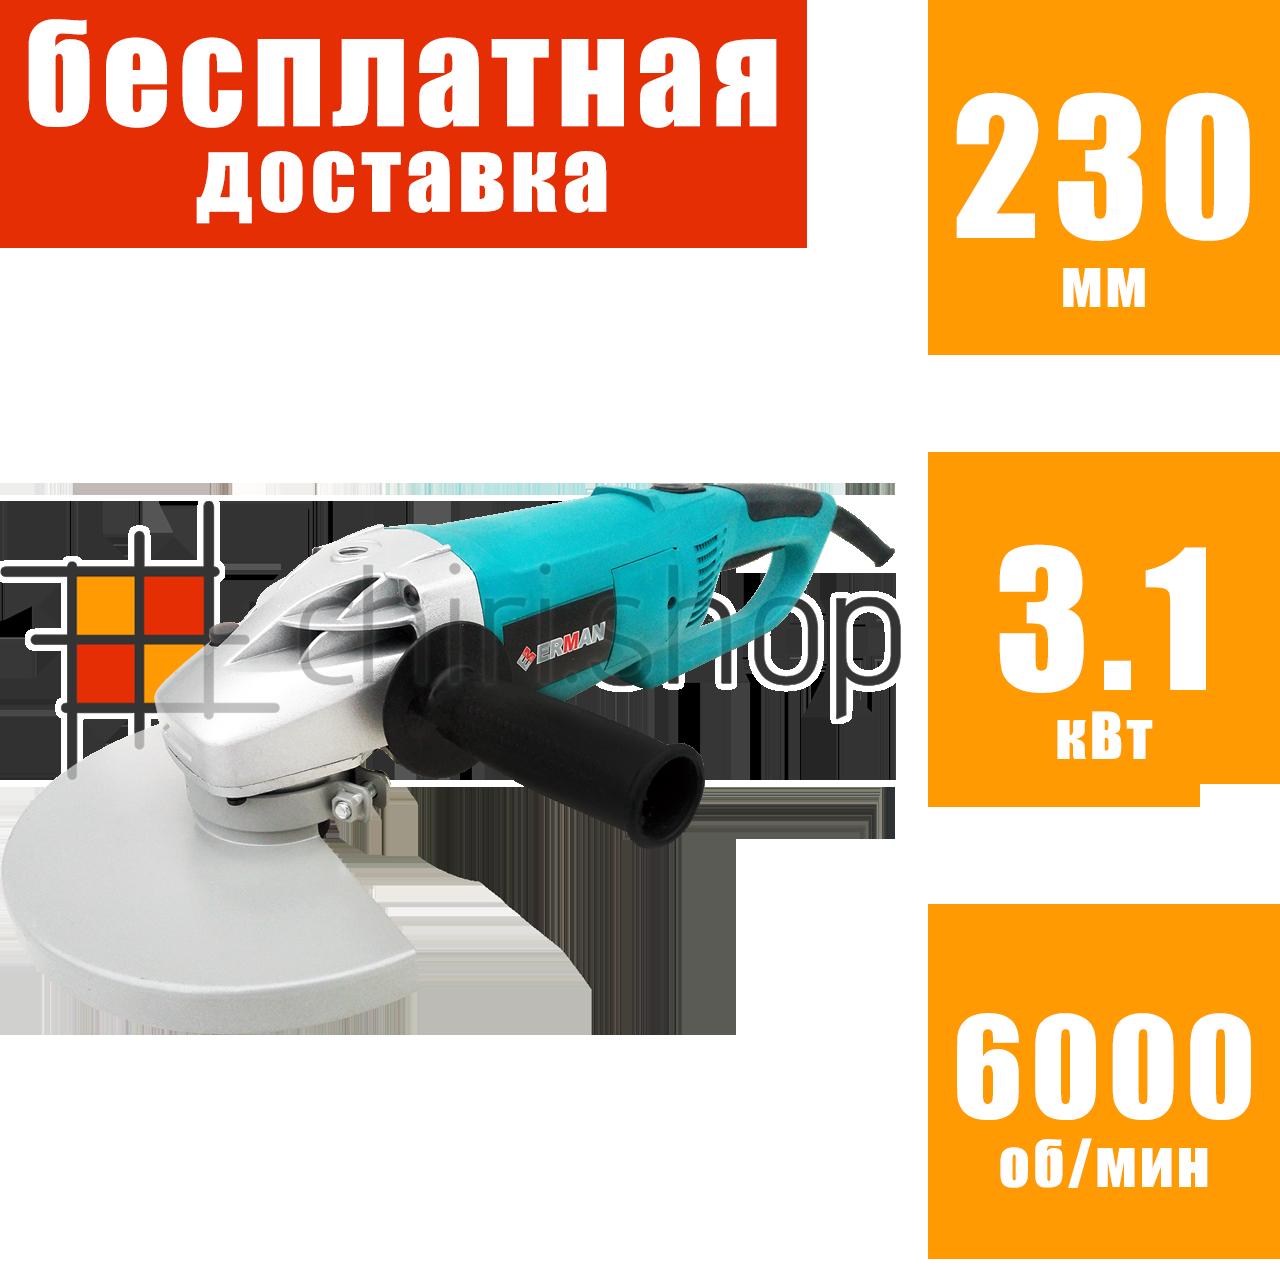 Болгарка с плавным пуском Erman AG 158, КШМ УШМ 230 мм, углошлифовальная машина, угловая шлифмашина